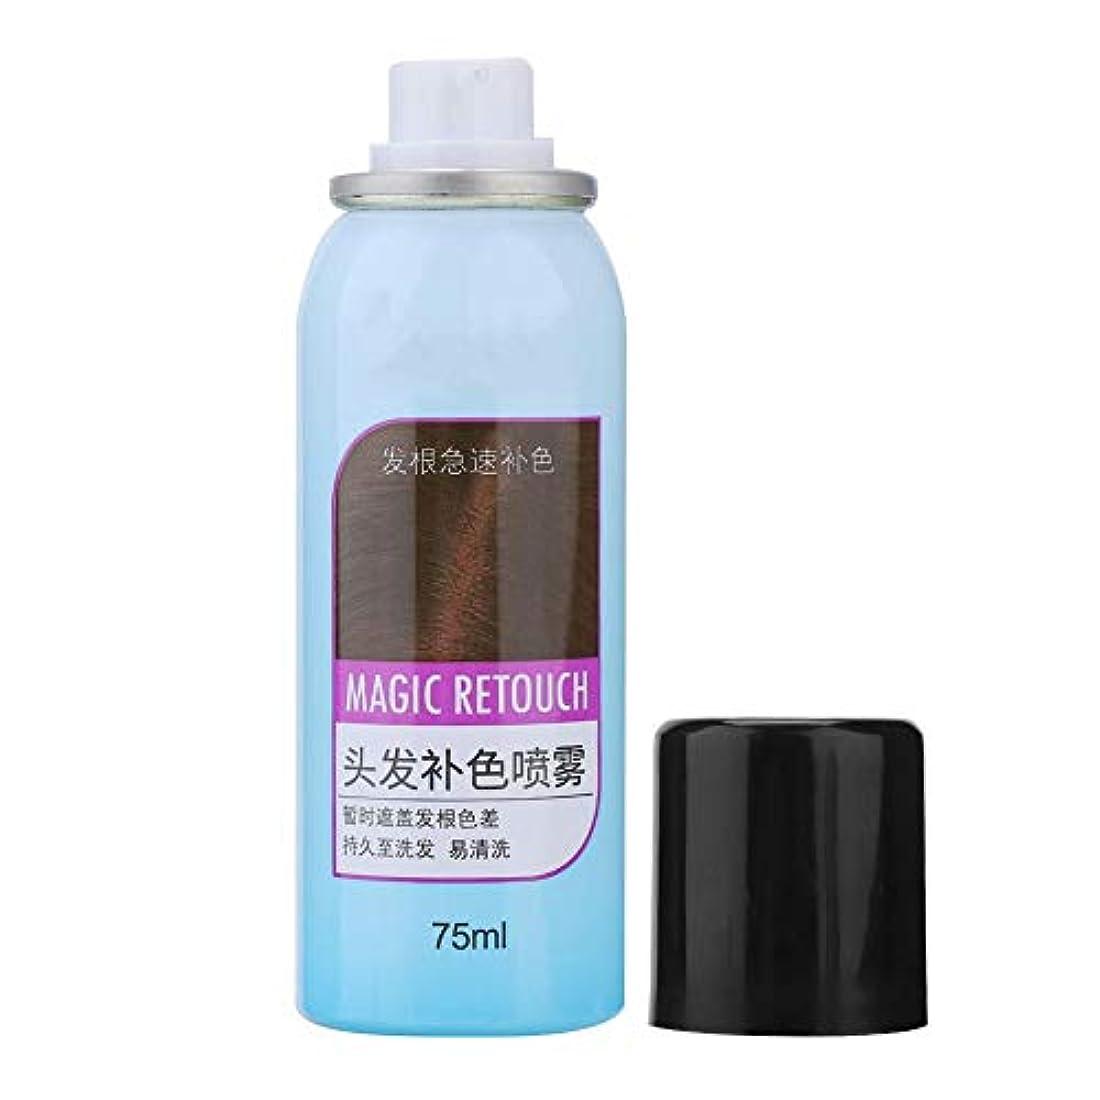 故意の約束する救援染毛剤、3色栄養を与える長続きがする効果ではなく、油性の使い捨て染毛剤カラースプレー75 ML(#3)